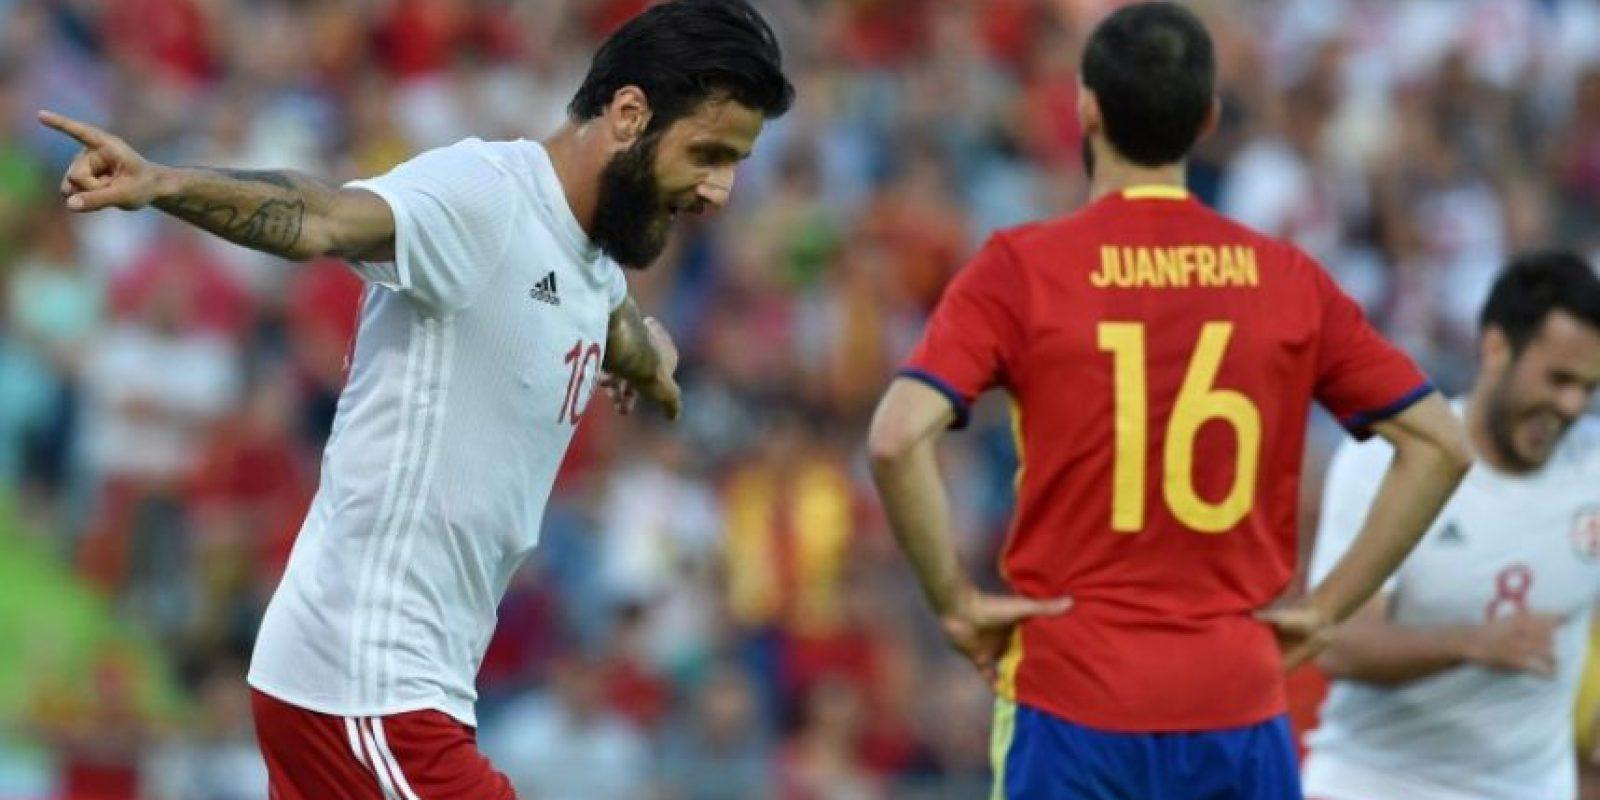 El equipo de Vicente del Bosque se despidió con pifias de Getafe tras la sorprendente derrota Foto:AFP